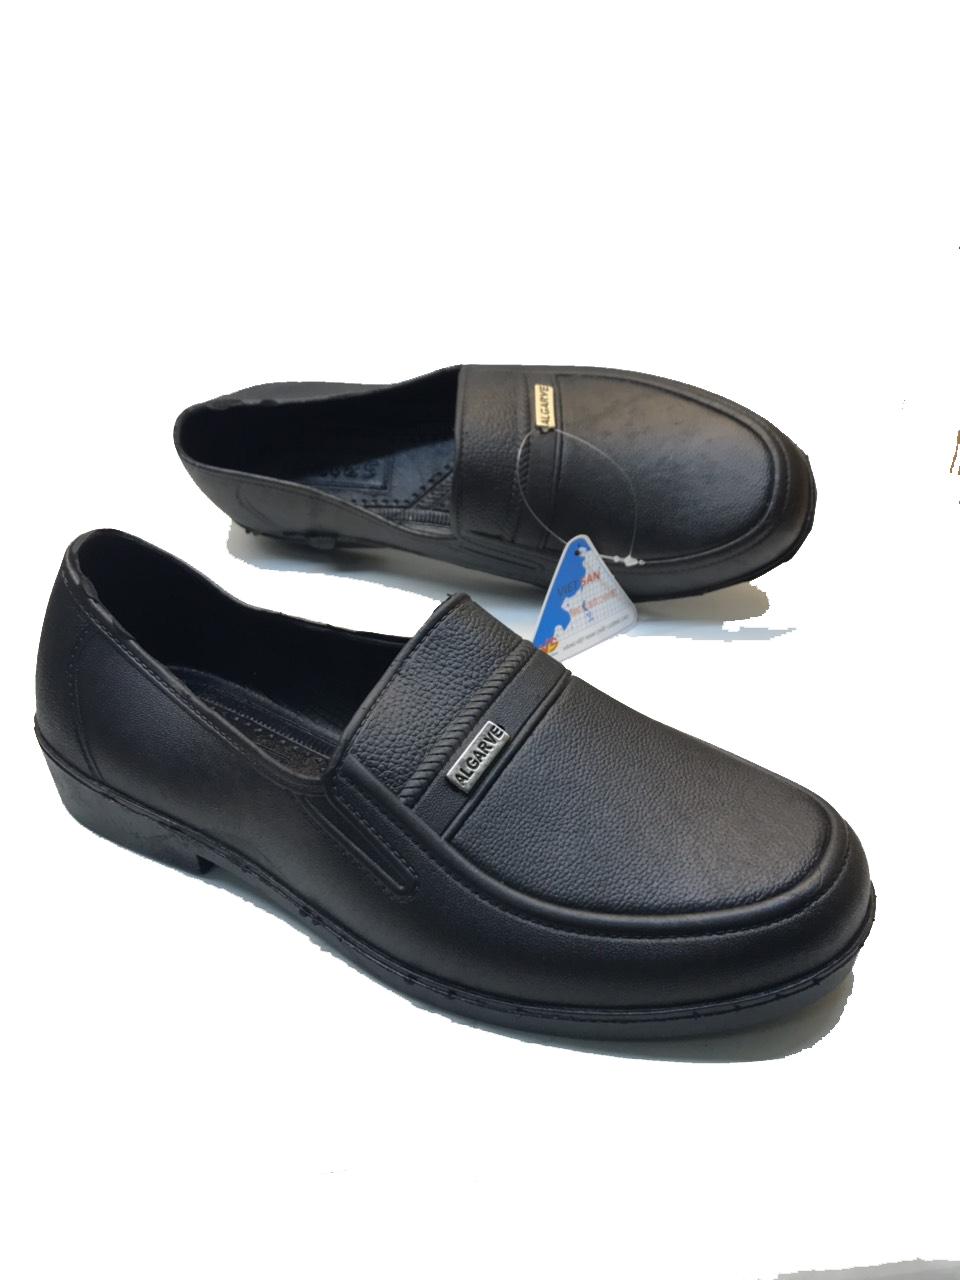 Giày lười nam đi mưa Việt San màu đen size 39-43, giày nhựa nam Việt San màu đen, giày bảo hộ lao động